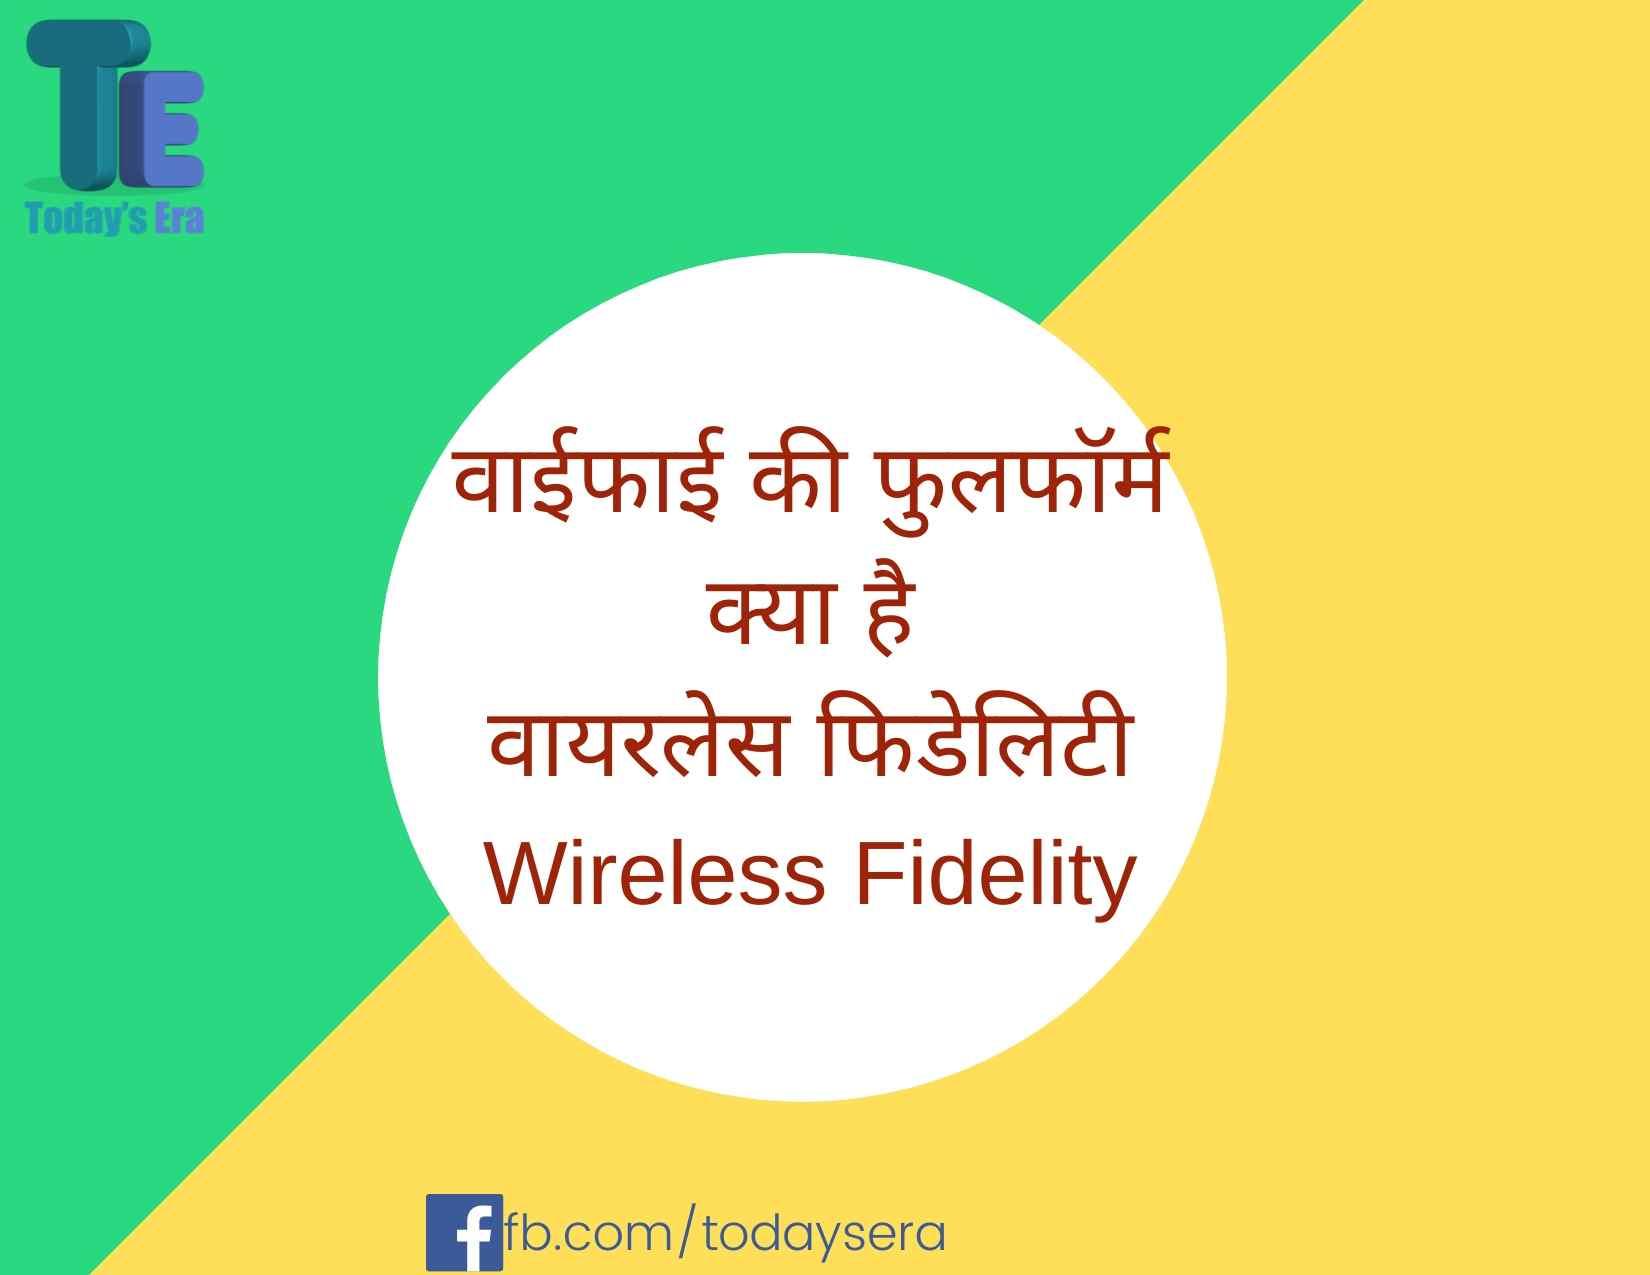 वाईफाई की फुलफॉर्म क्या है वायरलेस फिडेलिटी Wireless Fidelity